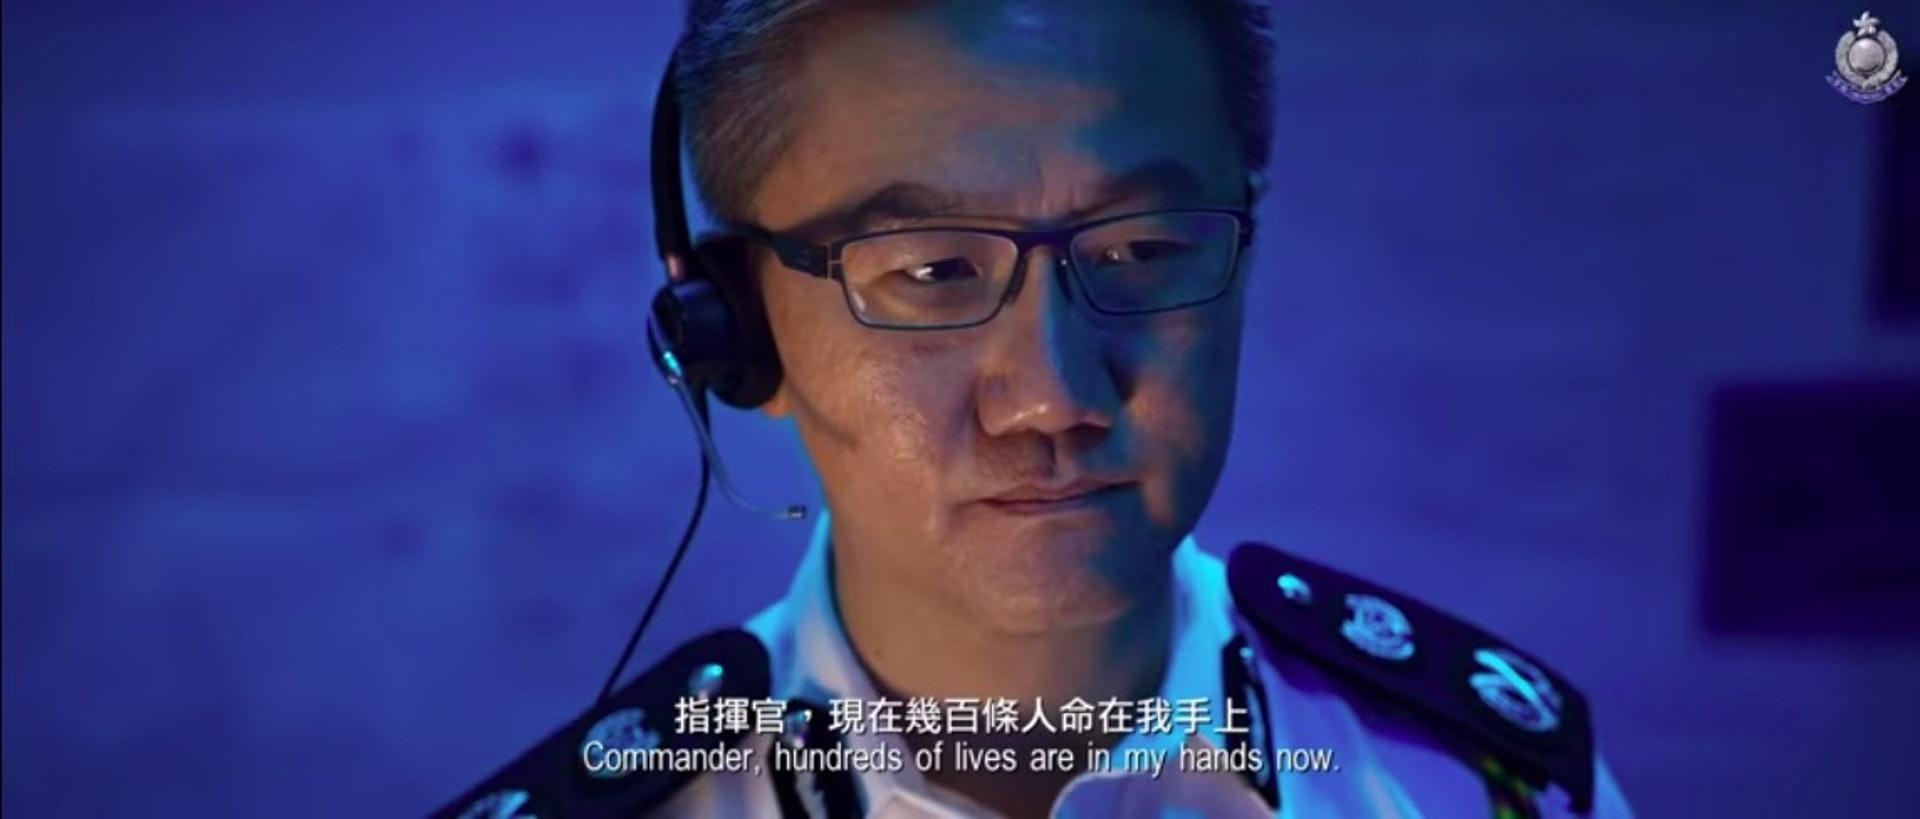 警務處副處長(行動)蕭澤頤粉墨登場。(《守城》截圖)